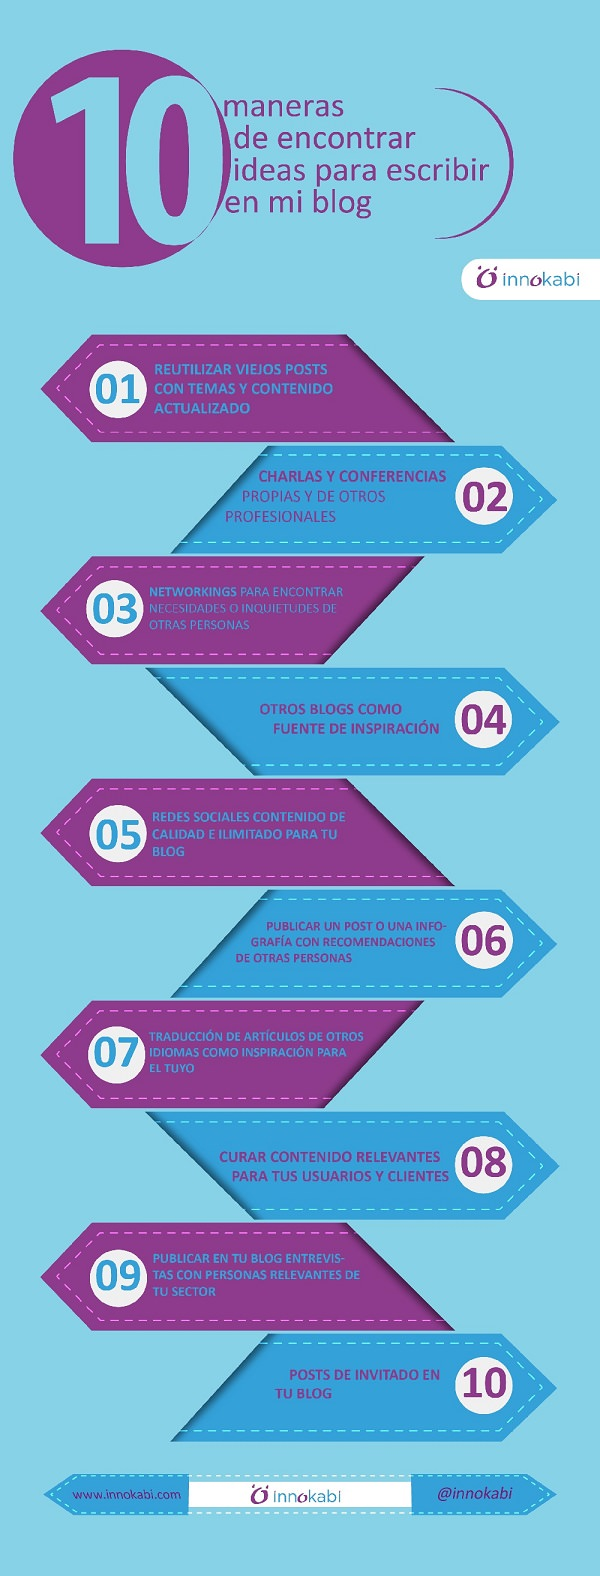 Infografia 10 Maneras de encontrar ideas para escribir en mi blog